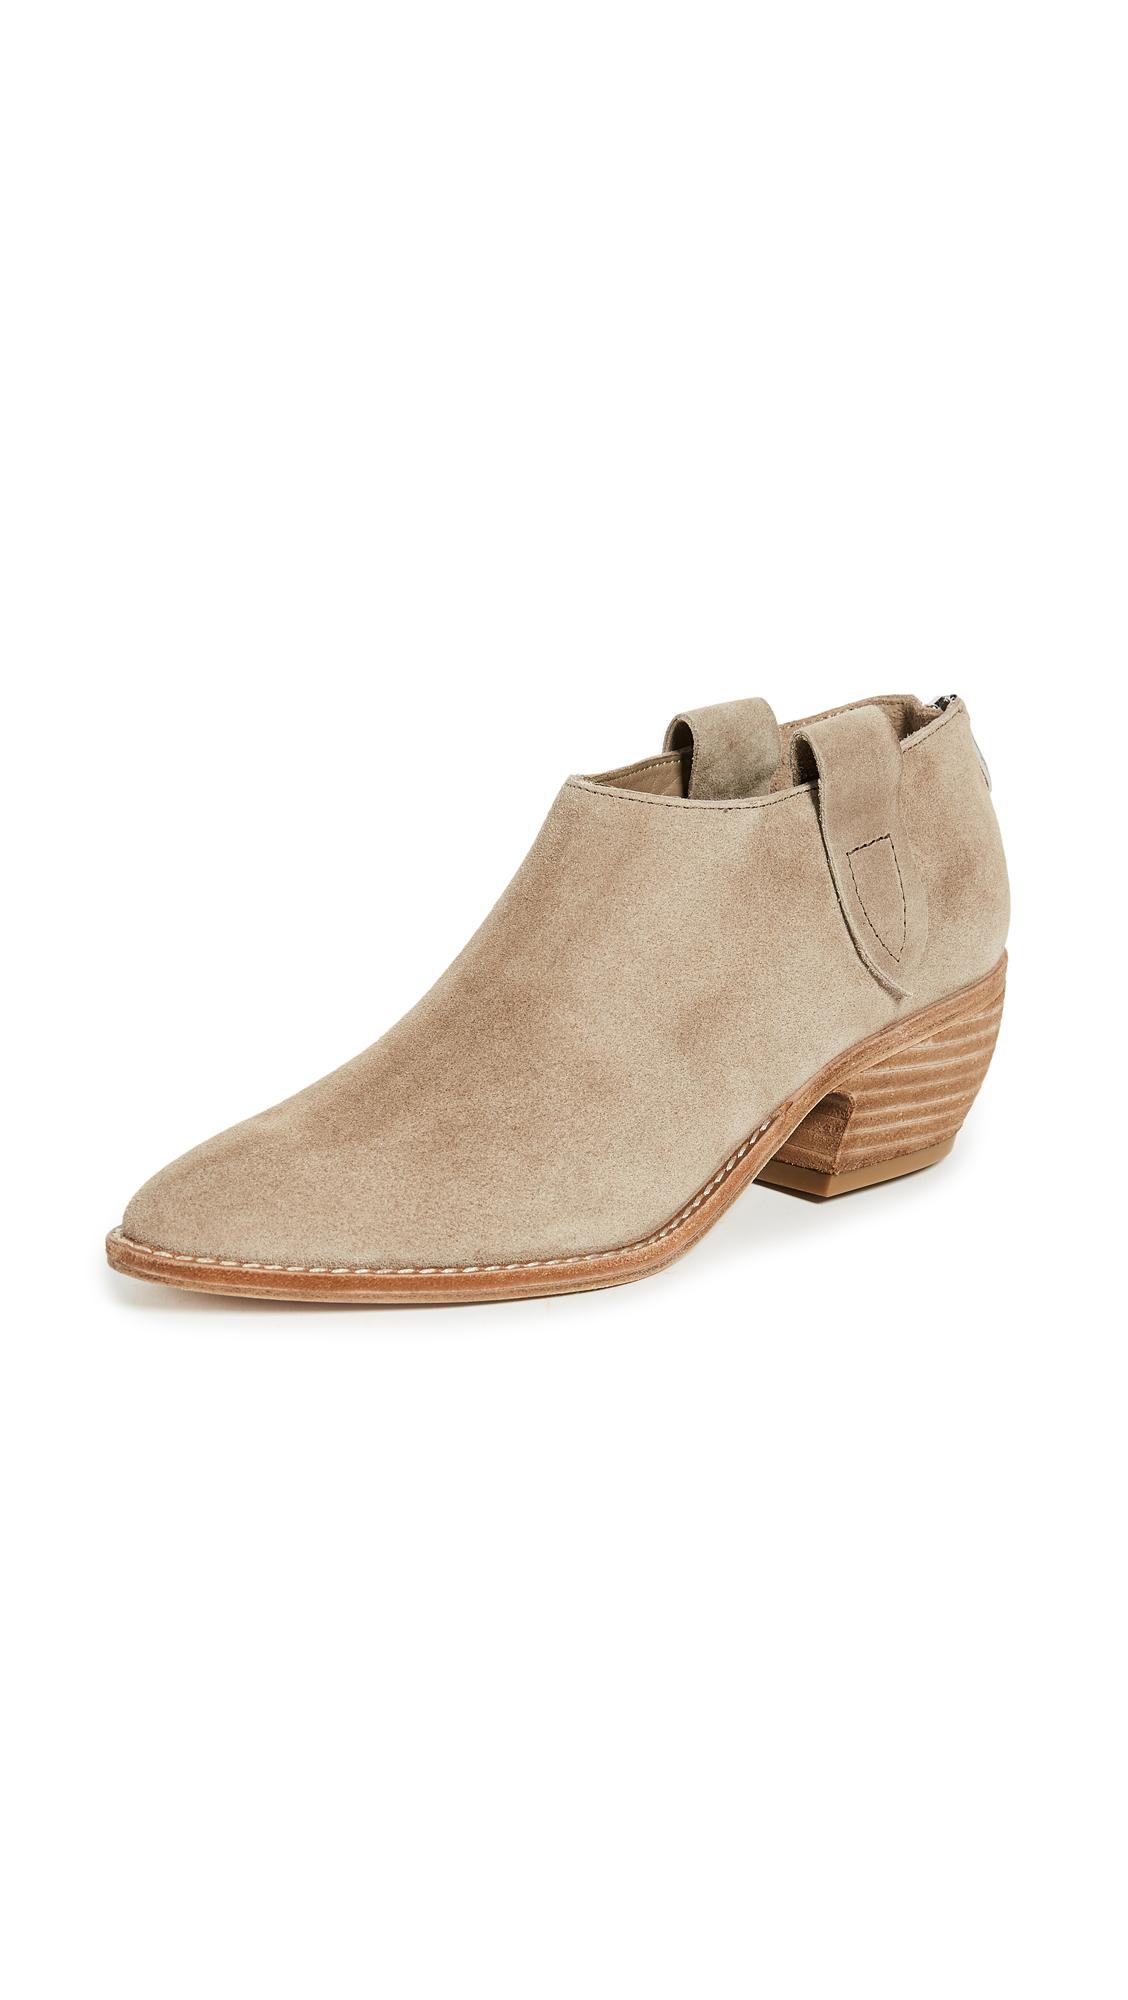 Sigerson Morrison Dorie Ankle Boots - Sand